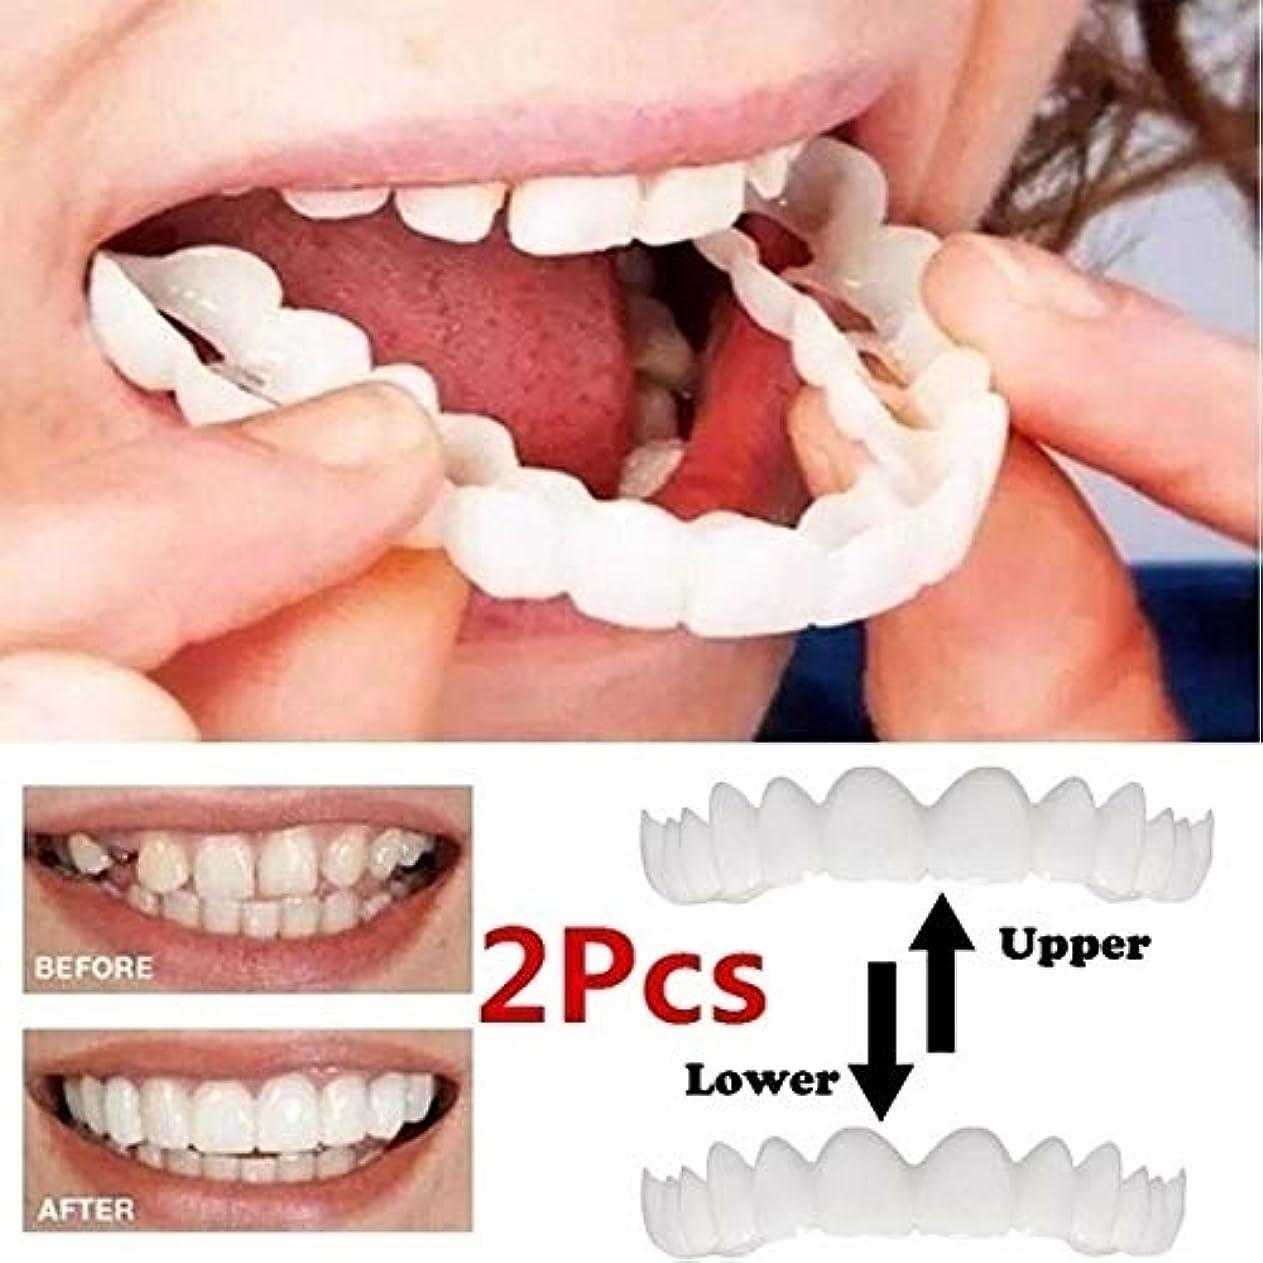 ギャロップ銃誤解させる2本の一時的な笑顔の快適フィット化粧品の歯義歯のベニヤ歯の快適フィットフレックス化粧品の歯の上の歯のベニヤと下のベニヤ - 歯のベニヤ